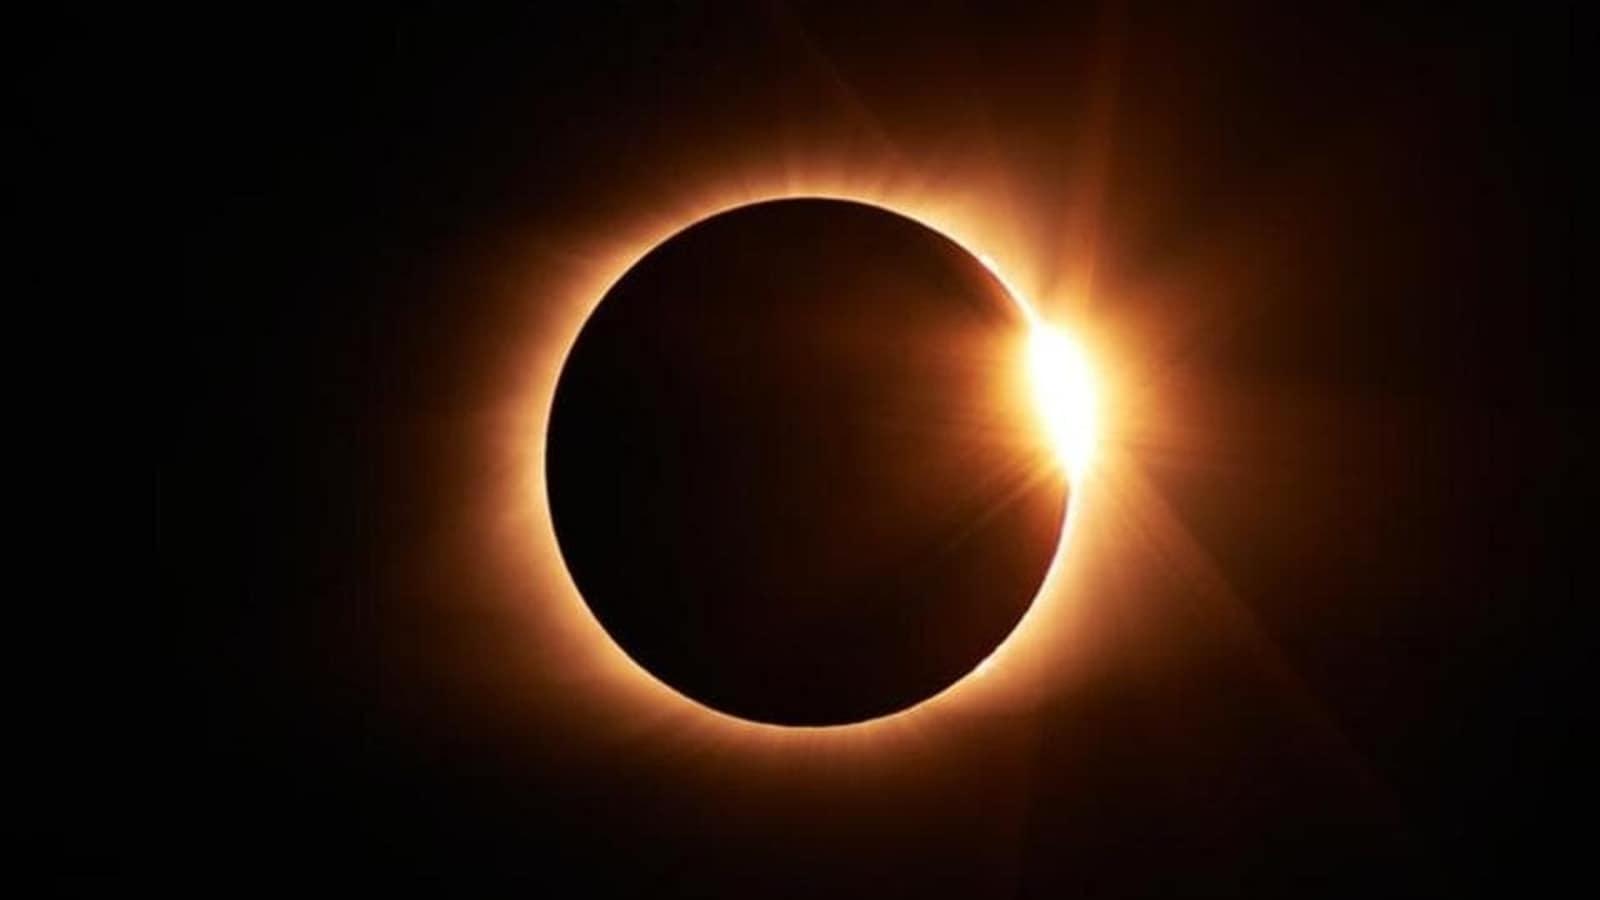 சூரிய கிரகணம் .solar eclipse 2021